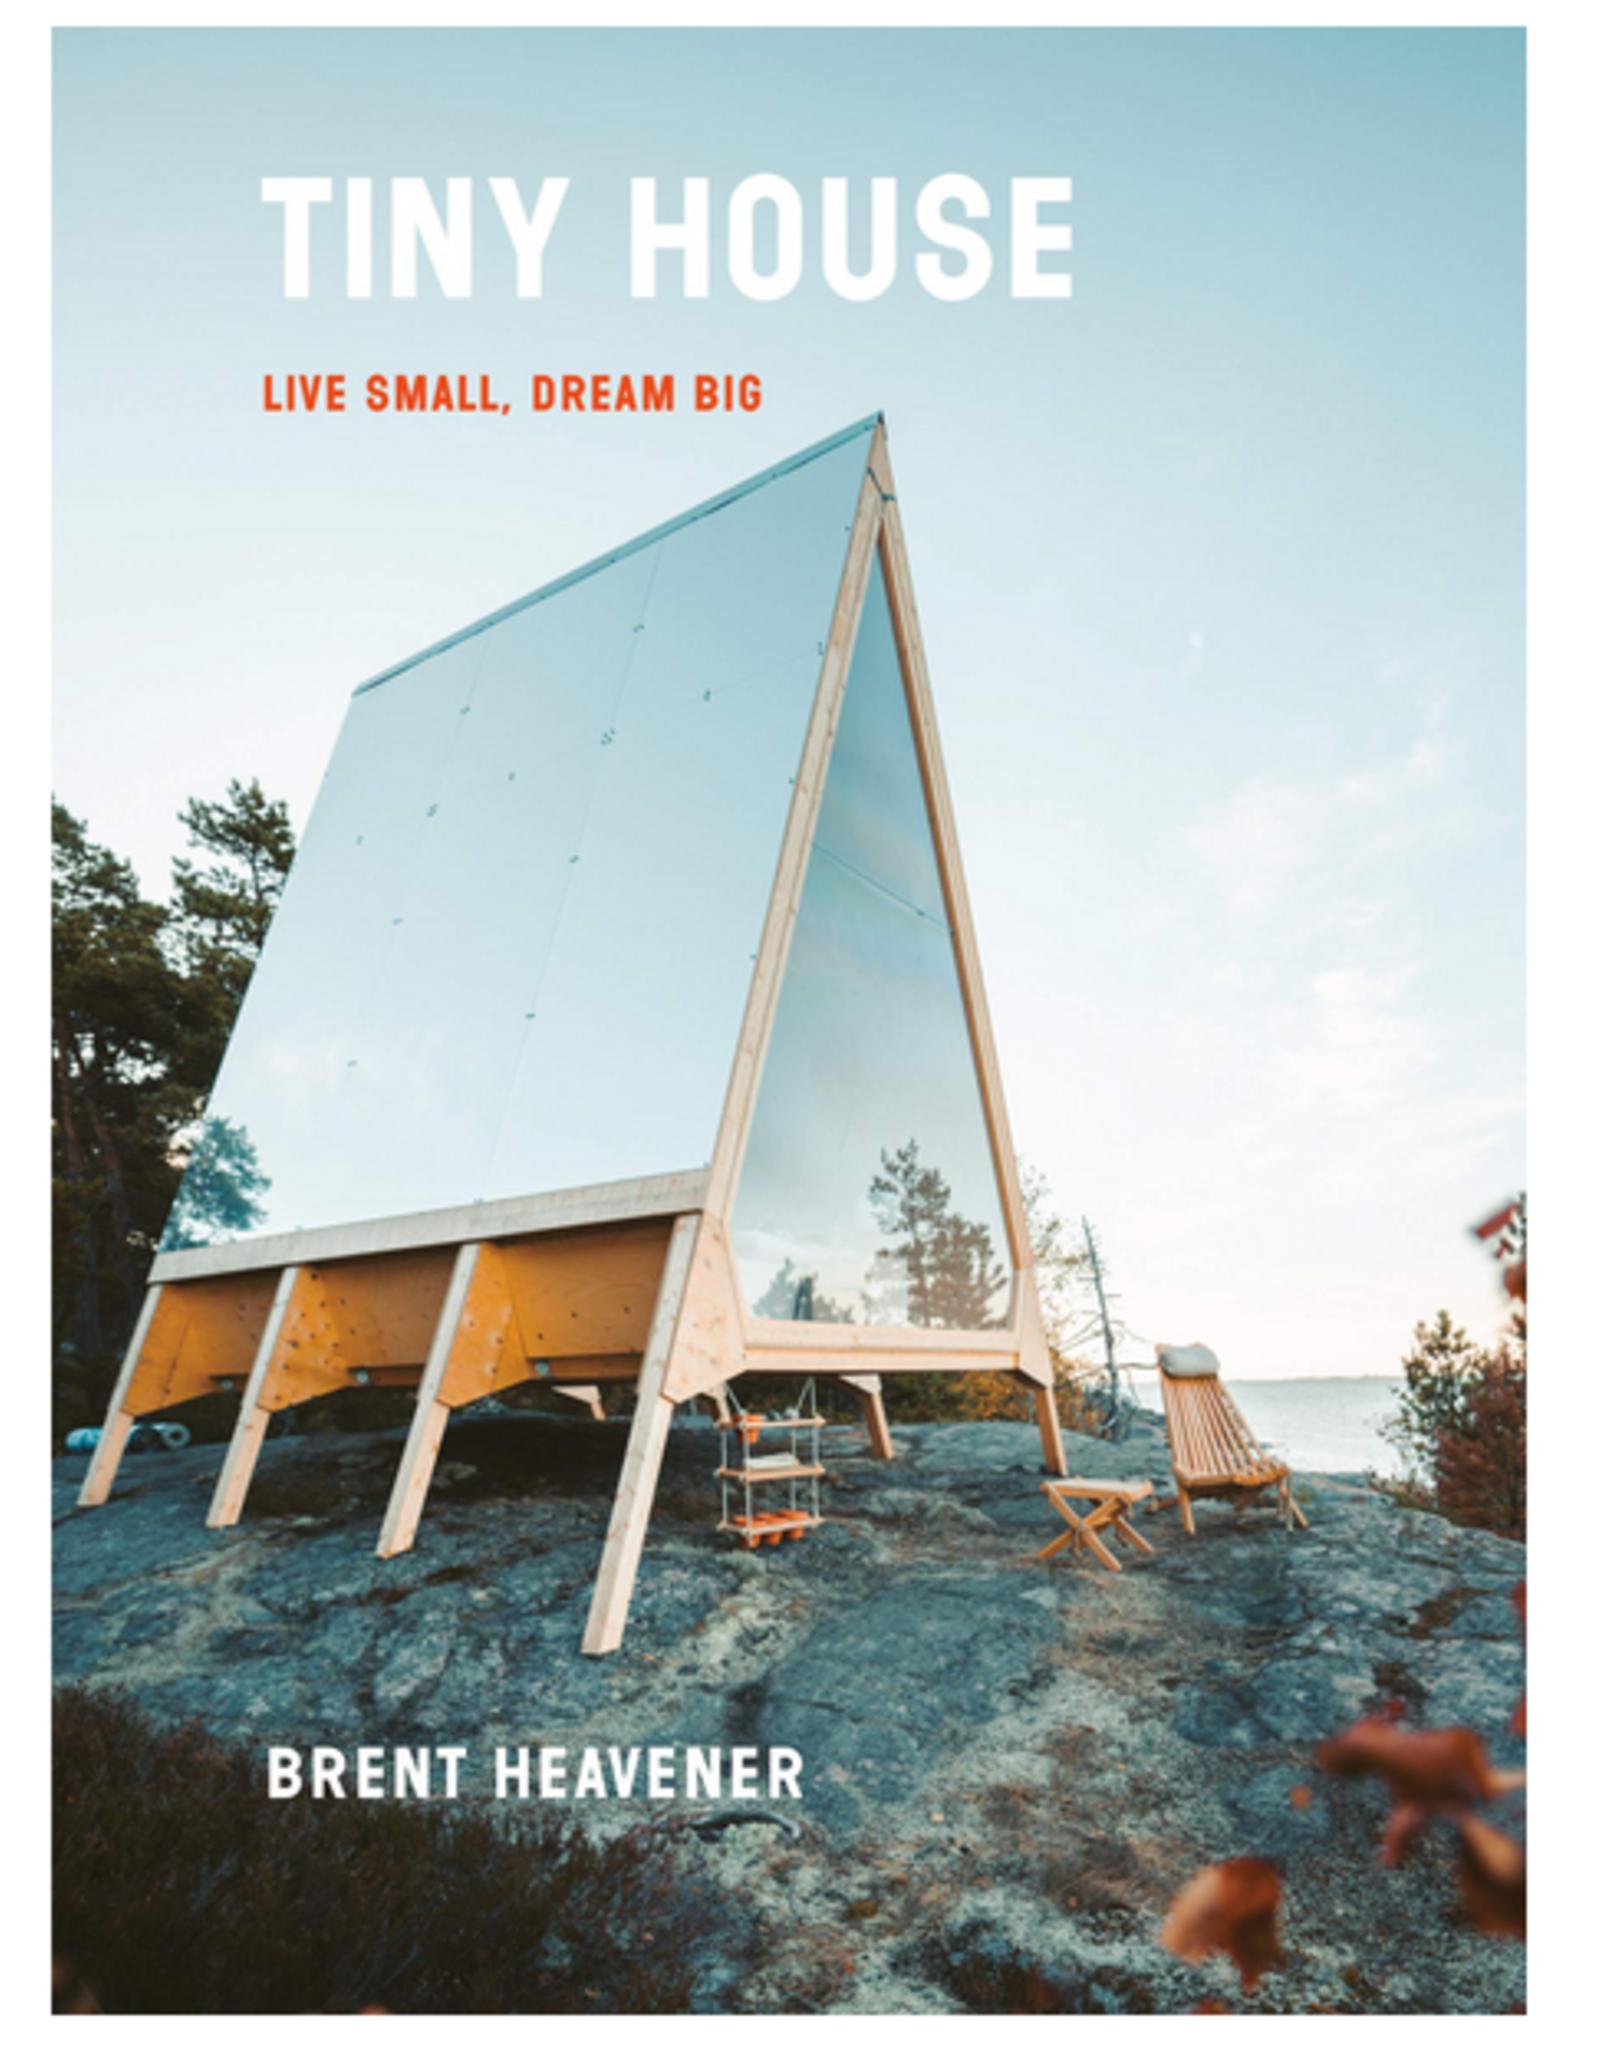 Tiny House: Live Small, Dream Big